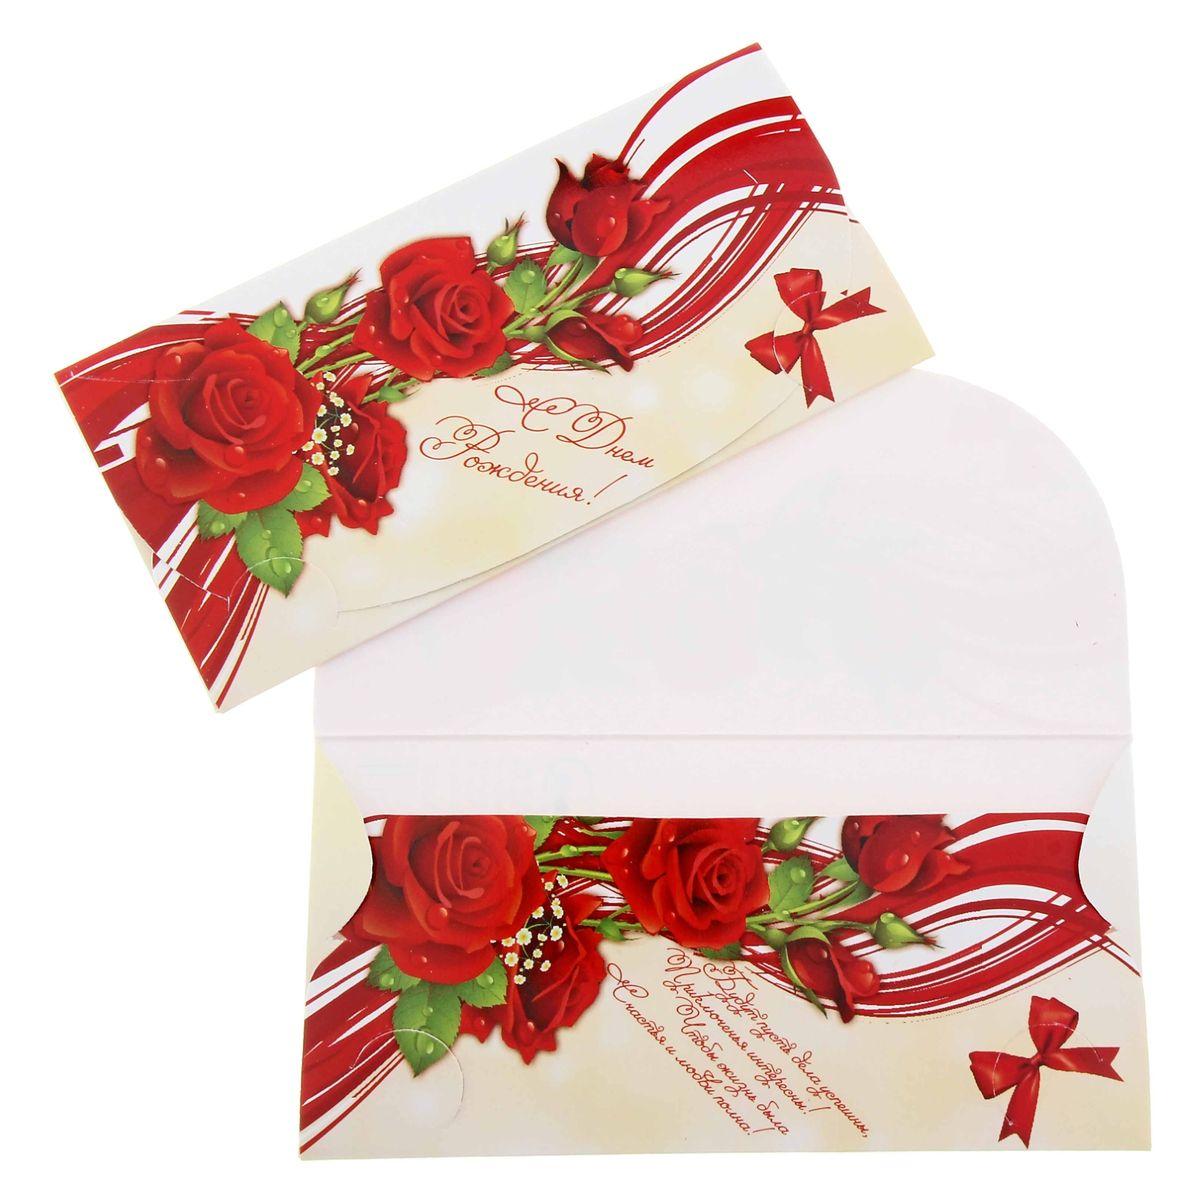 """Конверт для денег """"С Днем Рождения"""", изготовленный из плотного картона, украшен ярким  принтом с надписью, продолжение которой - внутри конверта.  Конверт отлично подойдет для денежного подарка."""